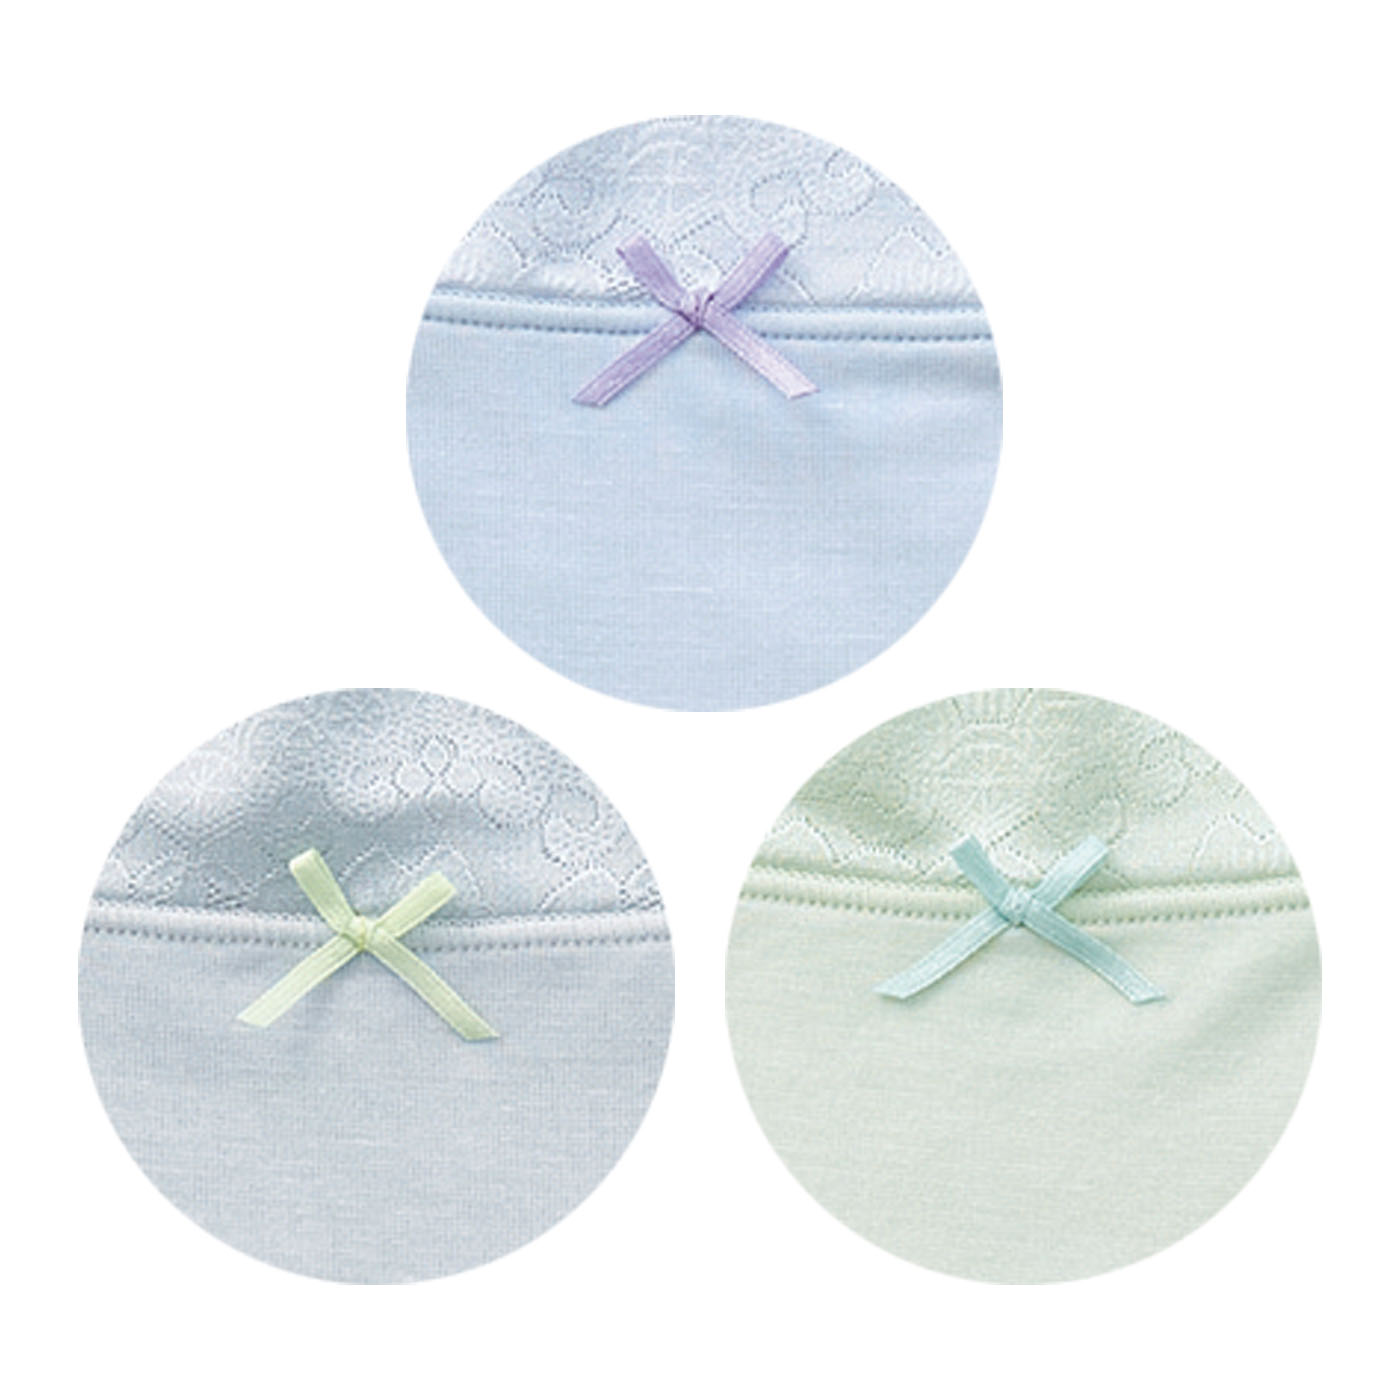 〈パウダーブルー〉〈ミスティグレー〉〈クールグリーン〉汗を吸っても透けにくい涼しげな3色。